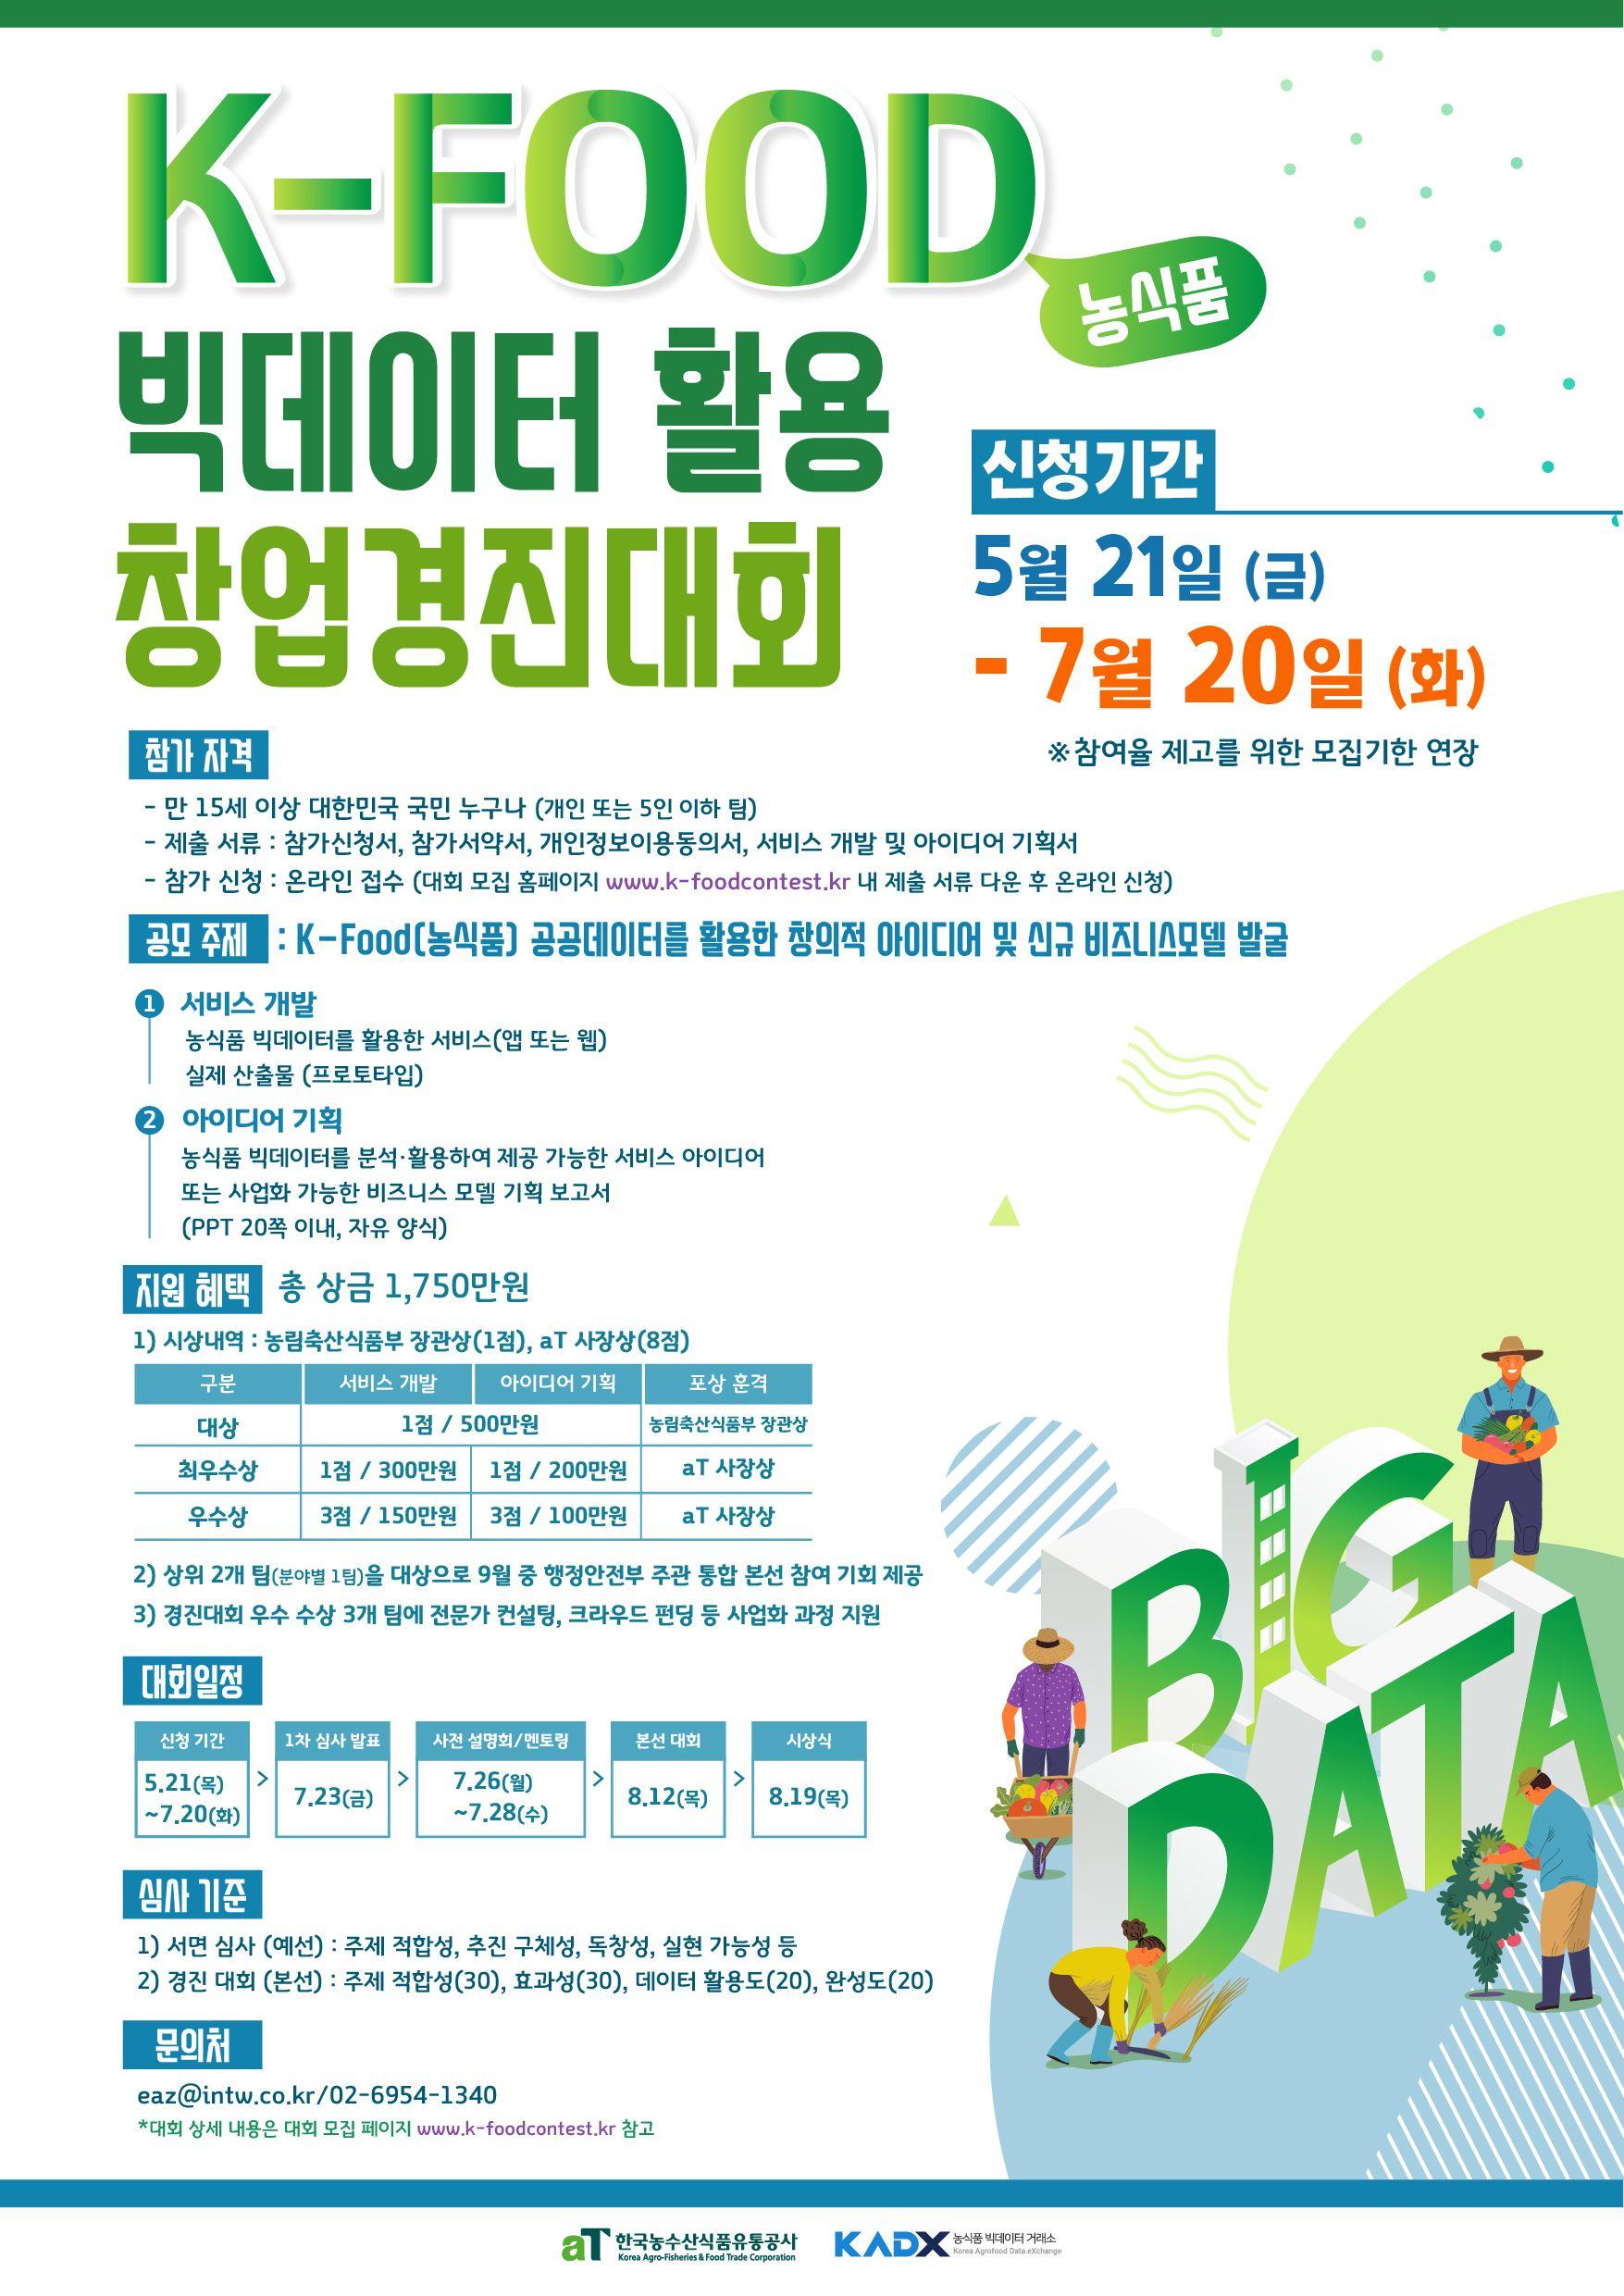 aT 한국농수산식품유통공사 - K-FOOD(농식품) 빅데이터 활용 창업 경진대회 참가자 모집